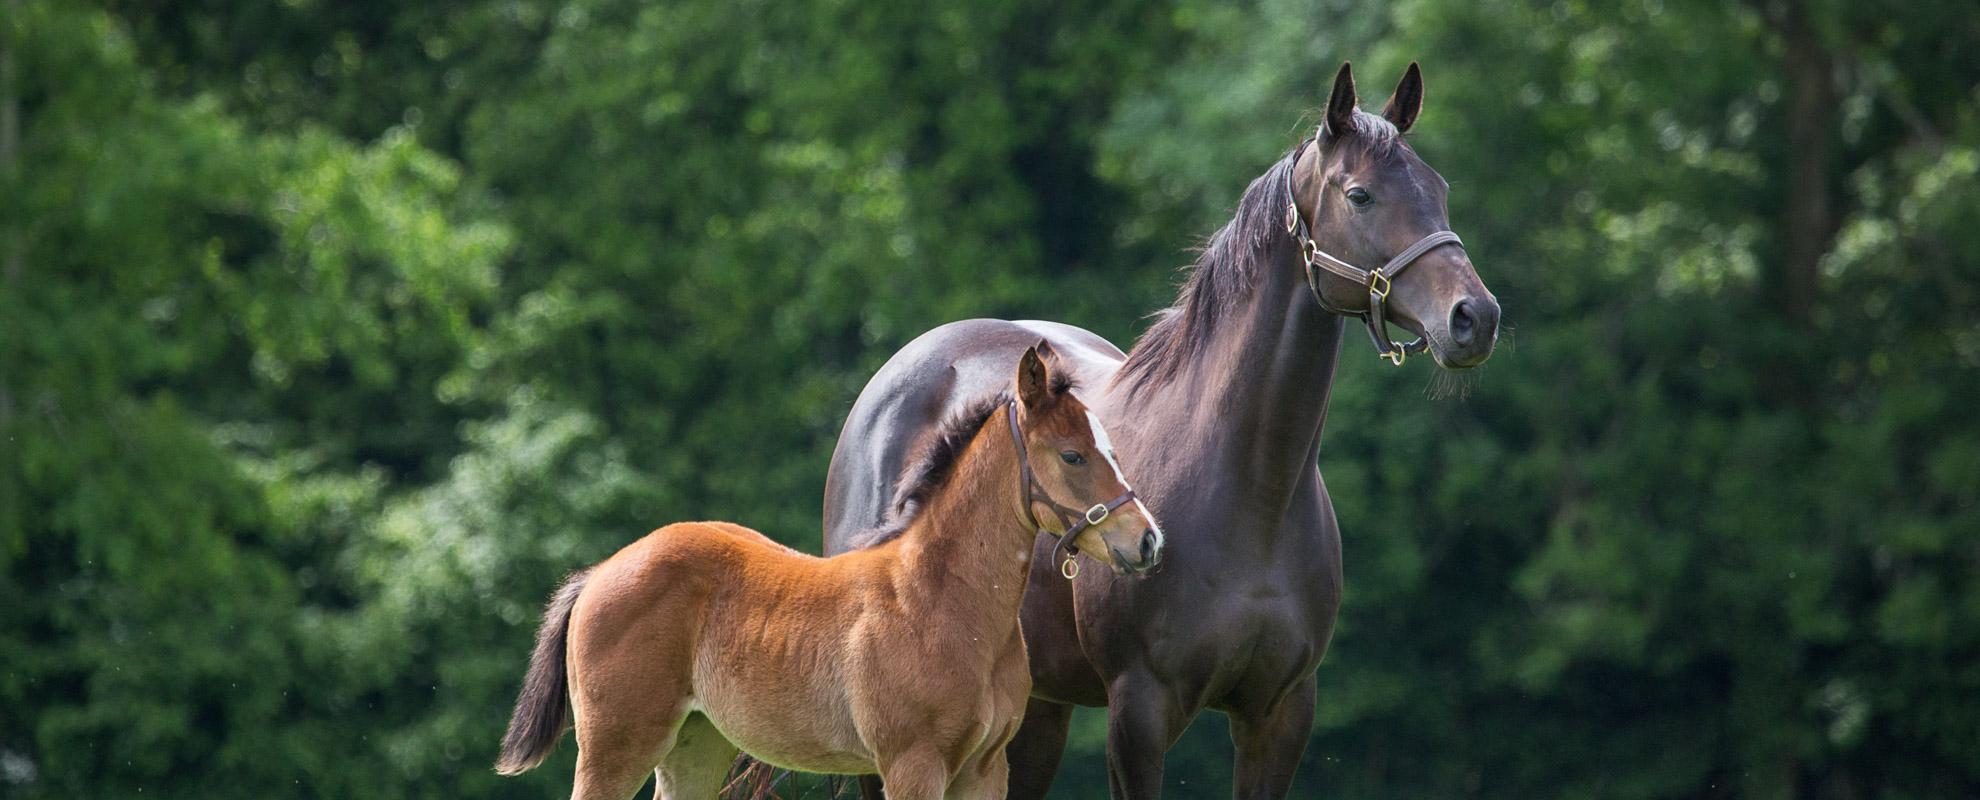 horses_mares_main_007